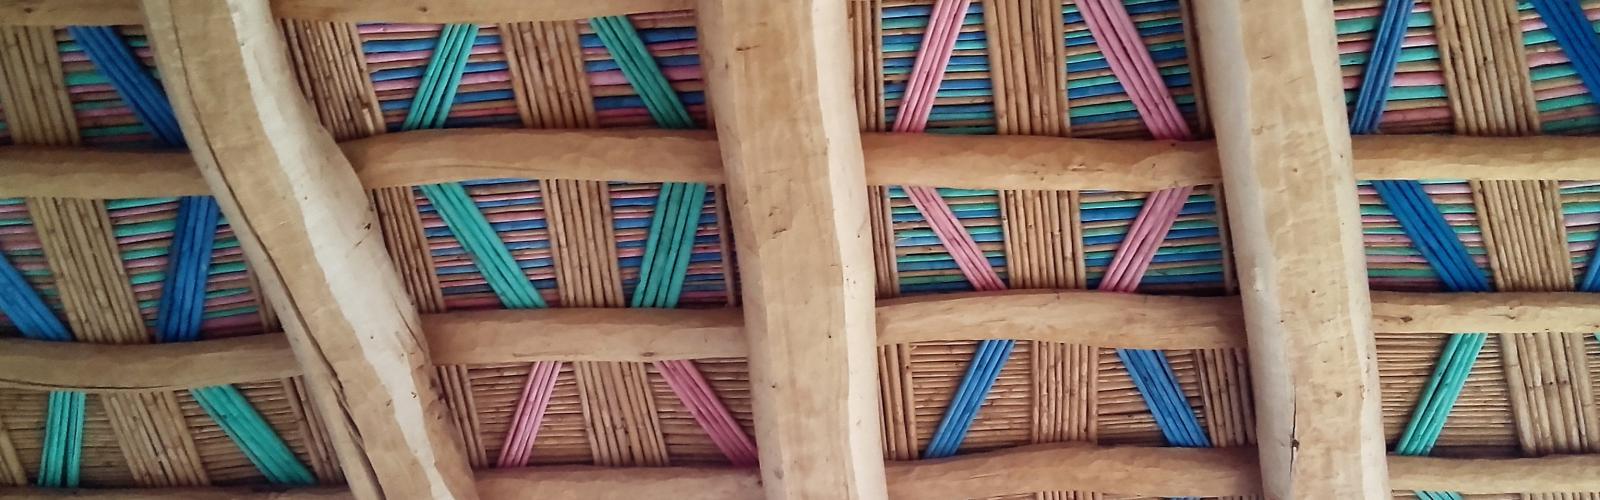 reforma bioconstruccion casa sana techos naturales defango